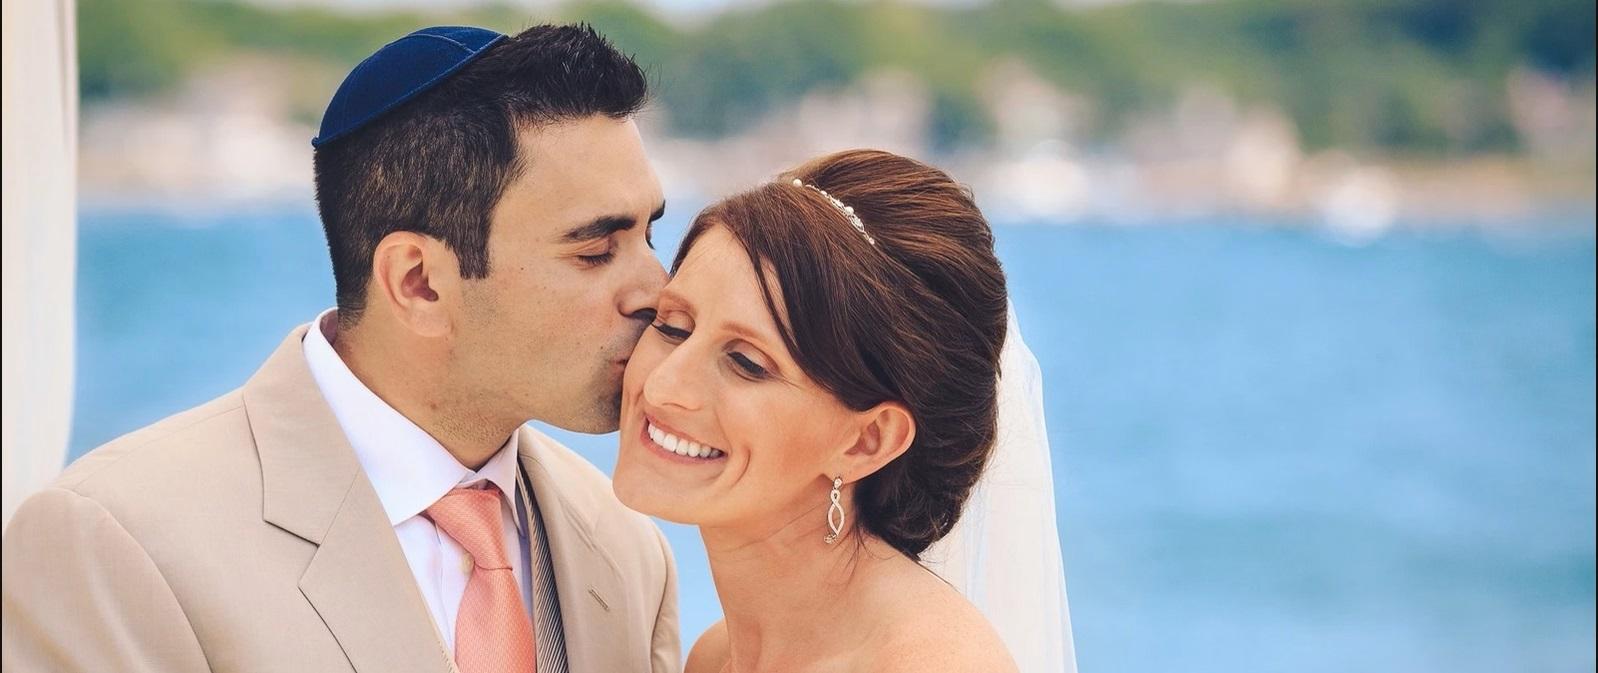 Quels sont les meilleurs sites pour rencontrer en ligne des juives célibataires ?